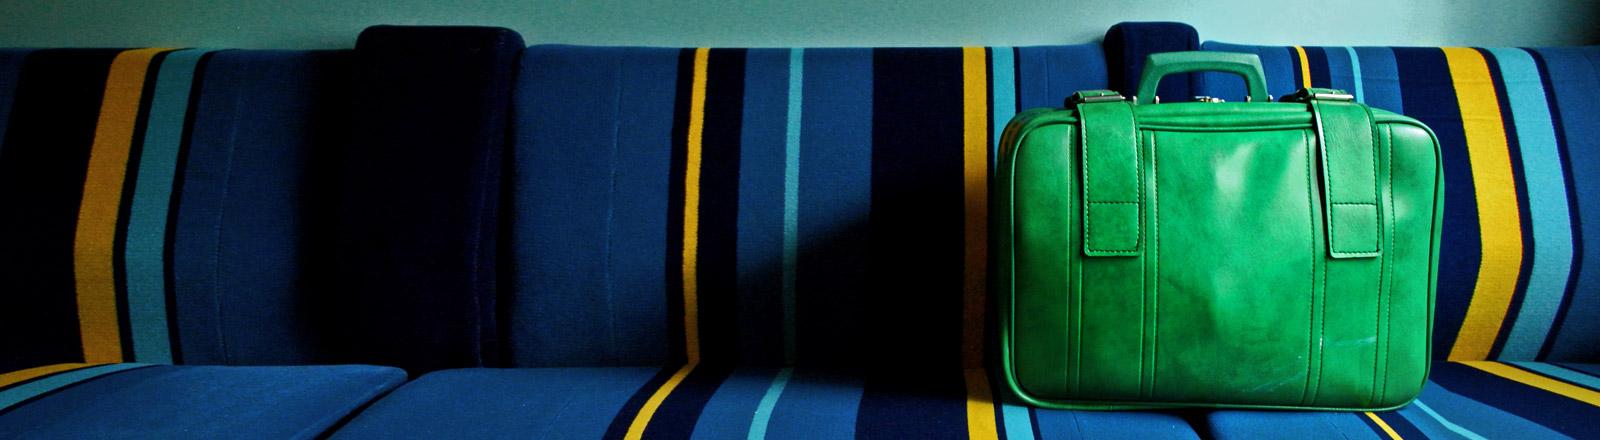 Ein Koffer auf einer Sitzbank.